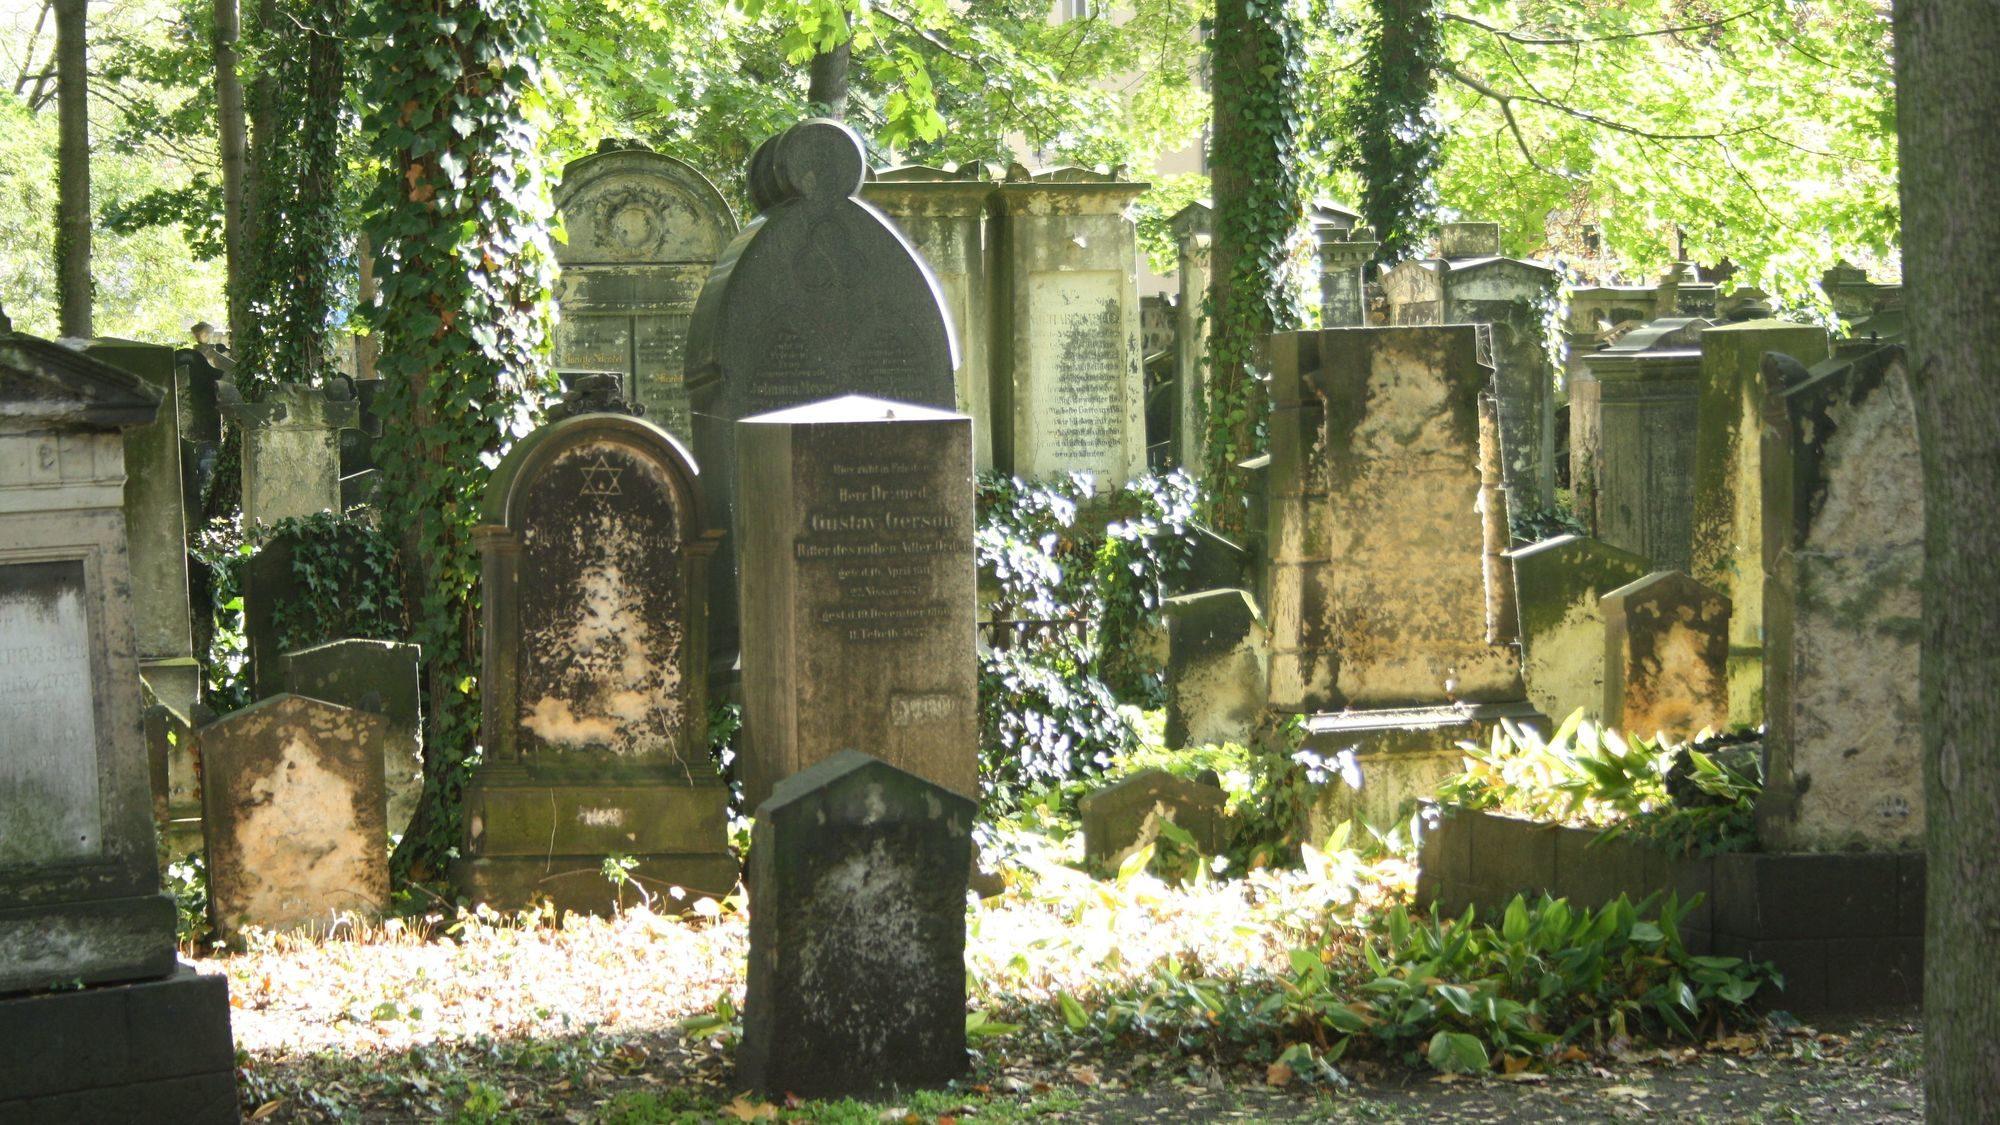 Wenn der Baum gefällt wird, können auch wieder Führungen über den Friedhof stattfinden.